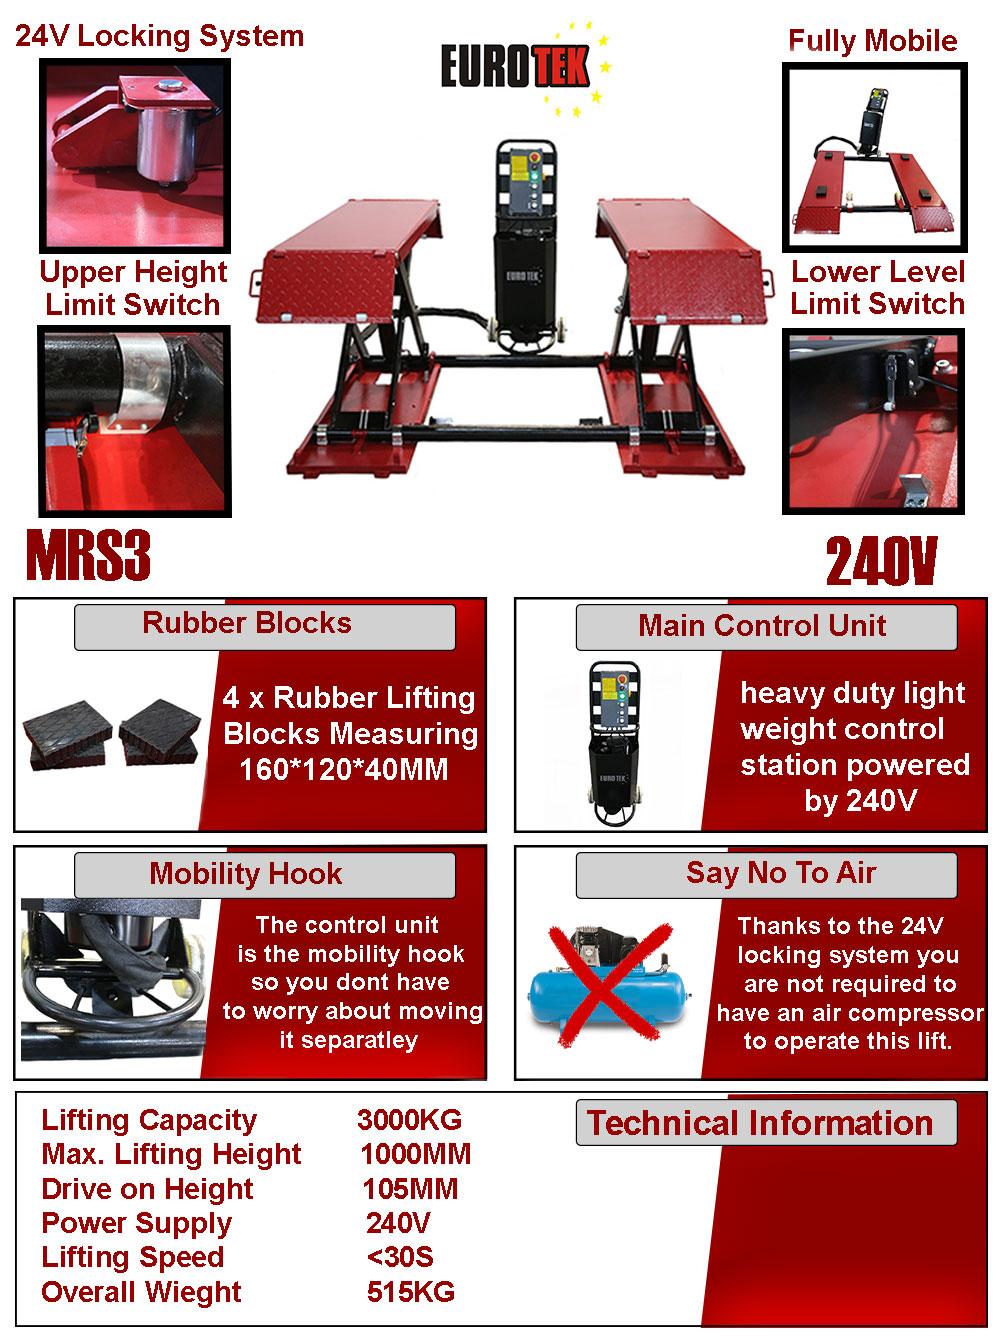 Eurotek MRS3 Mid Rise Scissor Lift Flyer